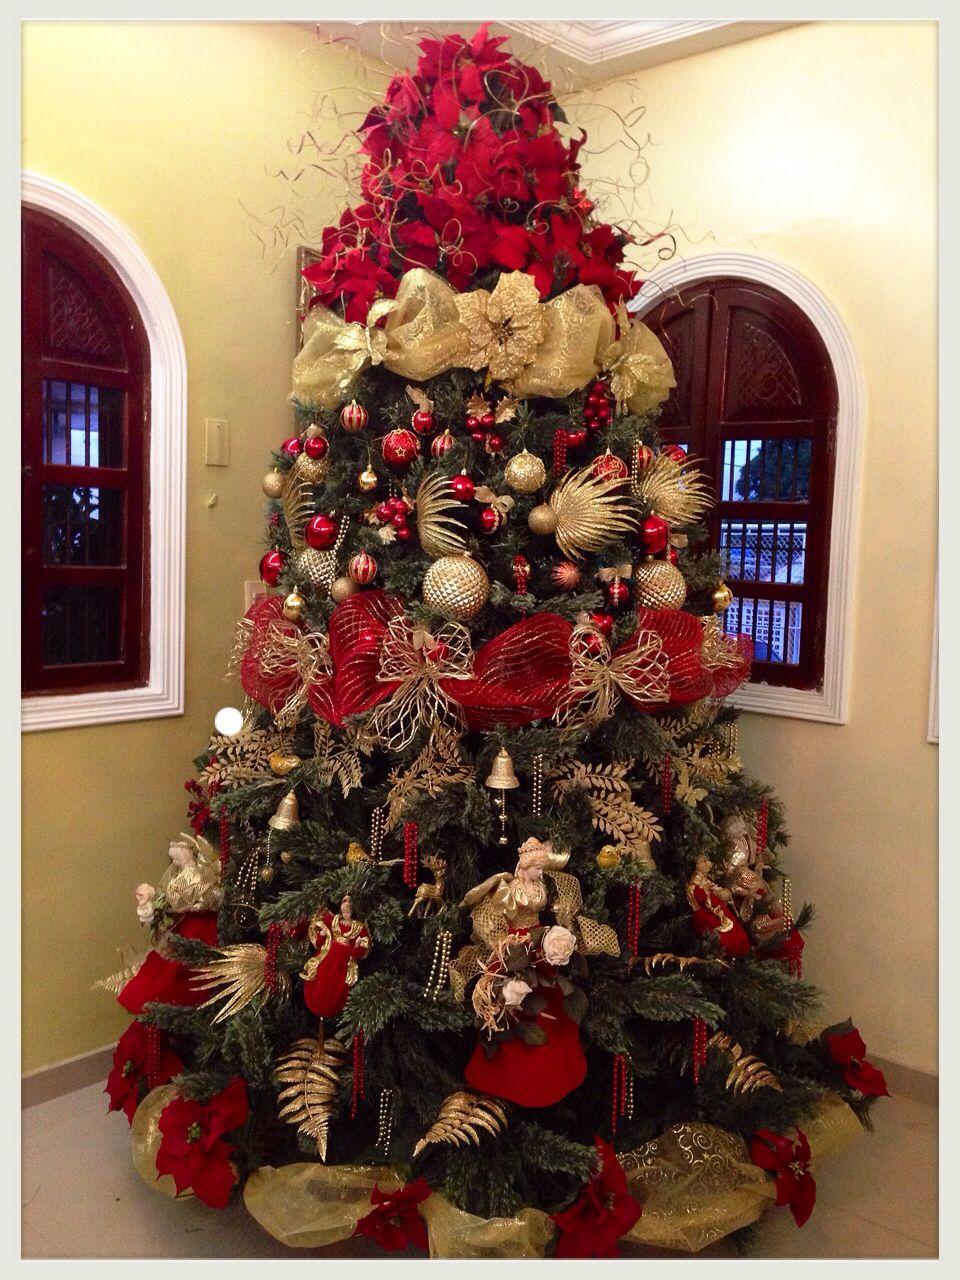 Imagen arboles de navidad rojo y dorado del art culo - Arboles de navidad artificiales decorados ...